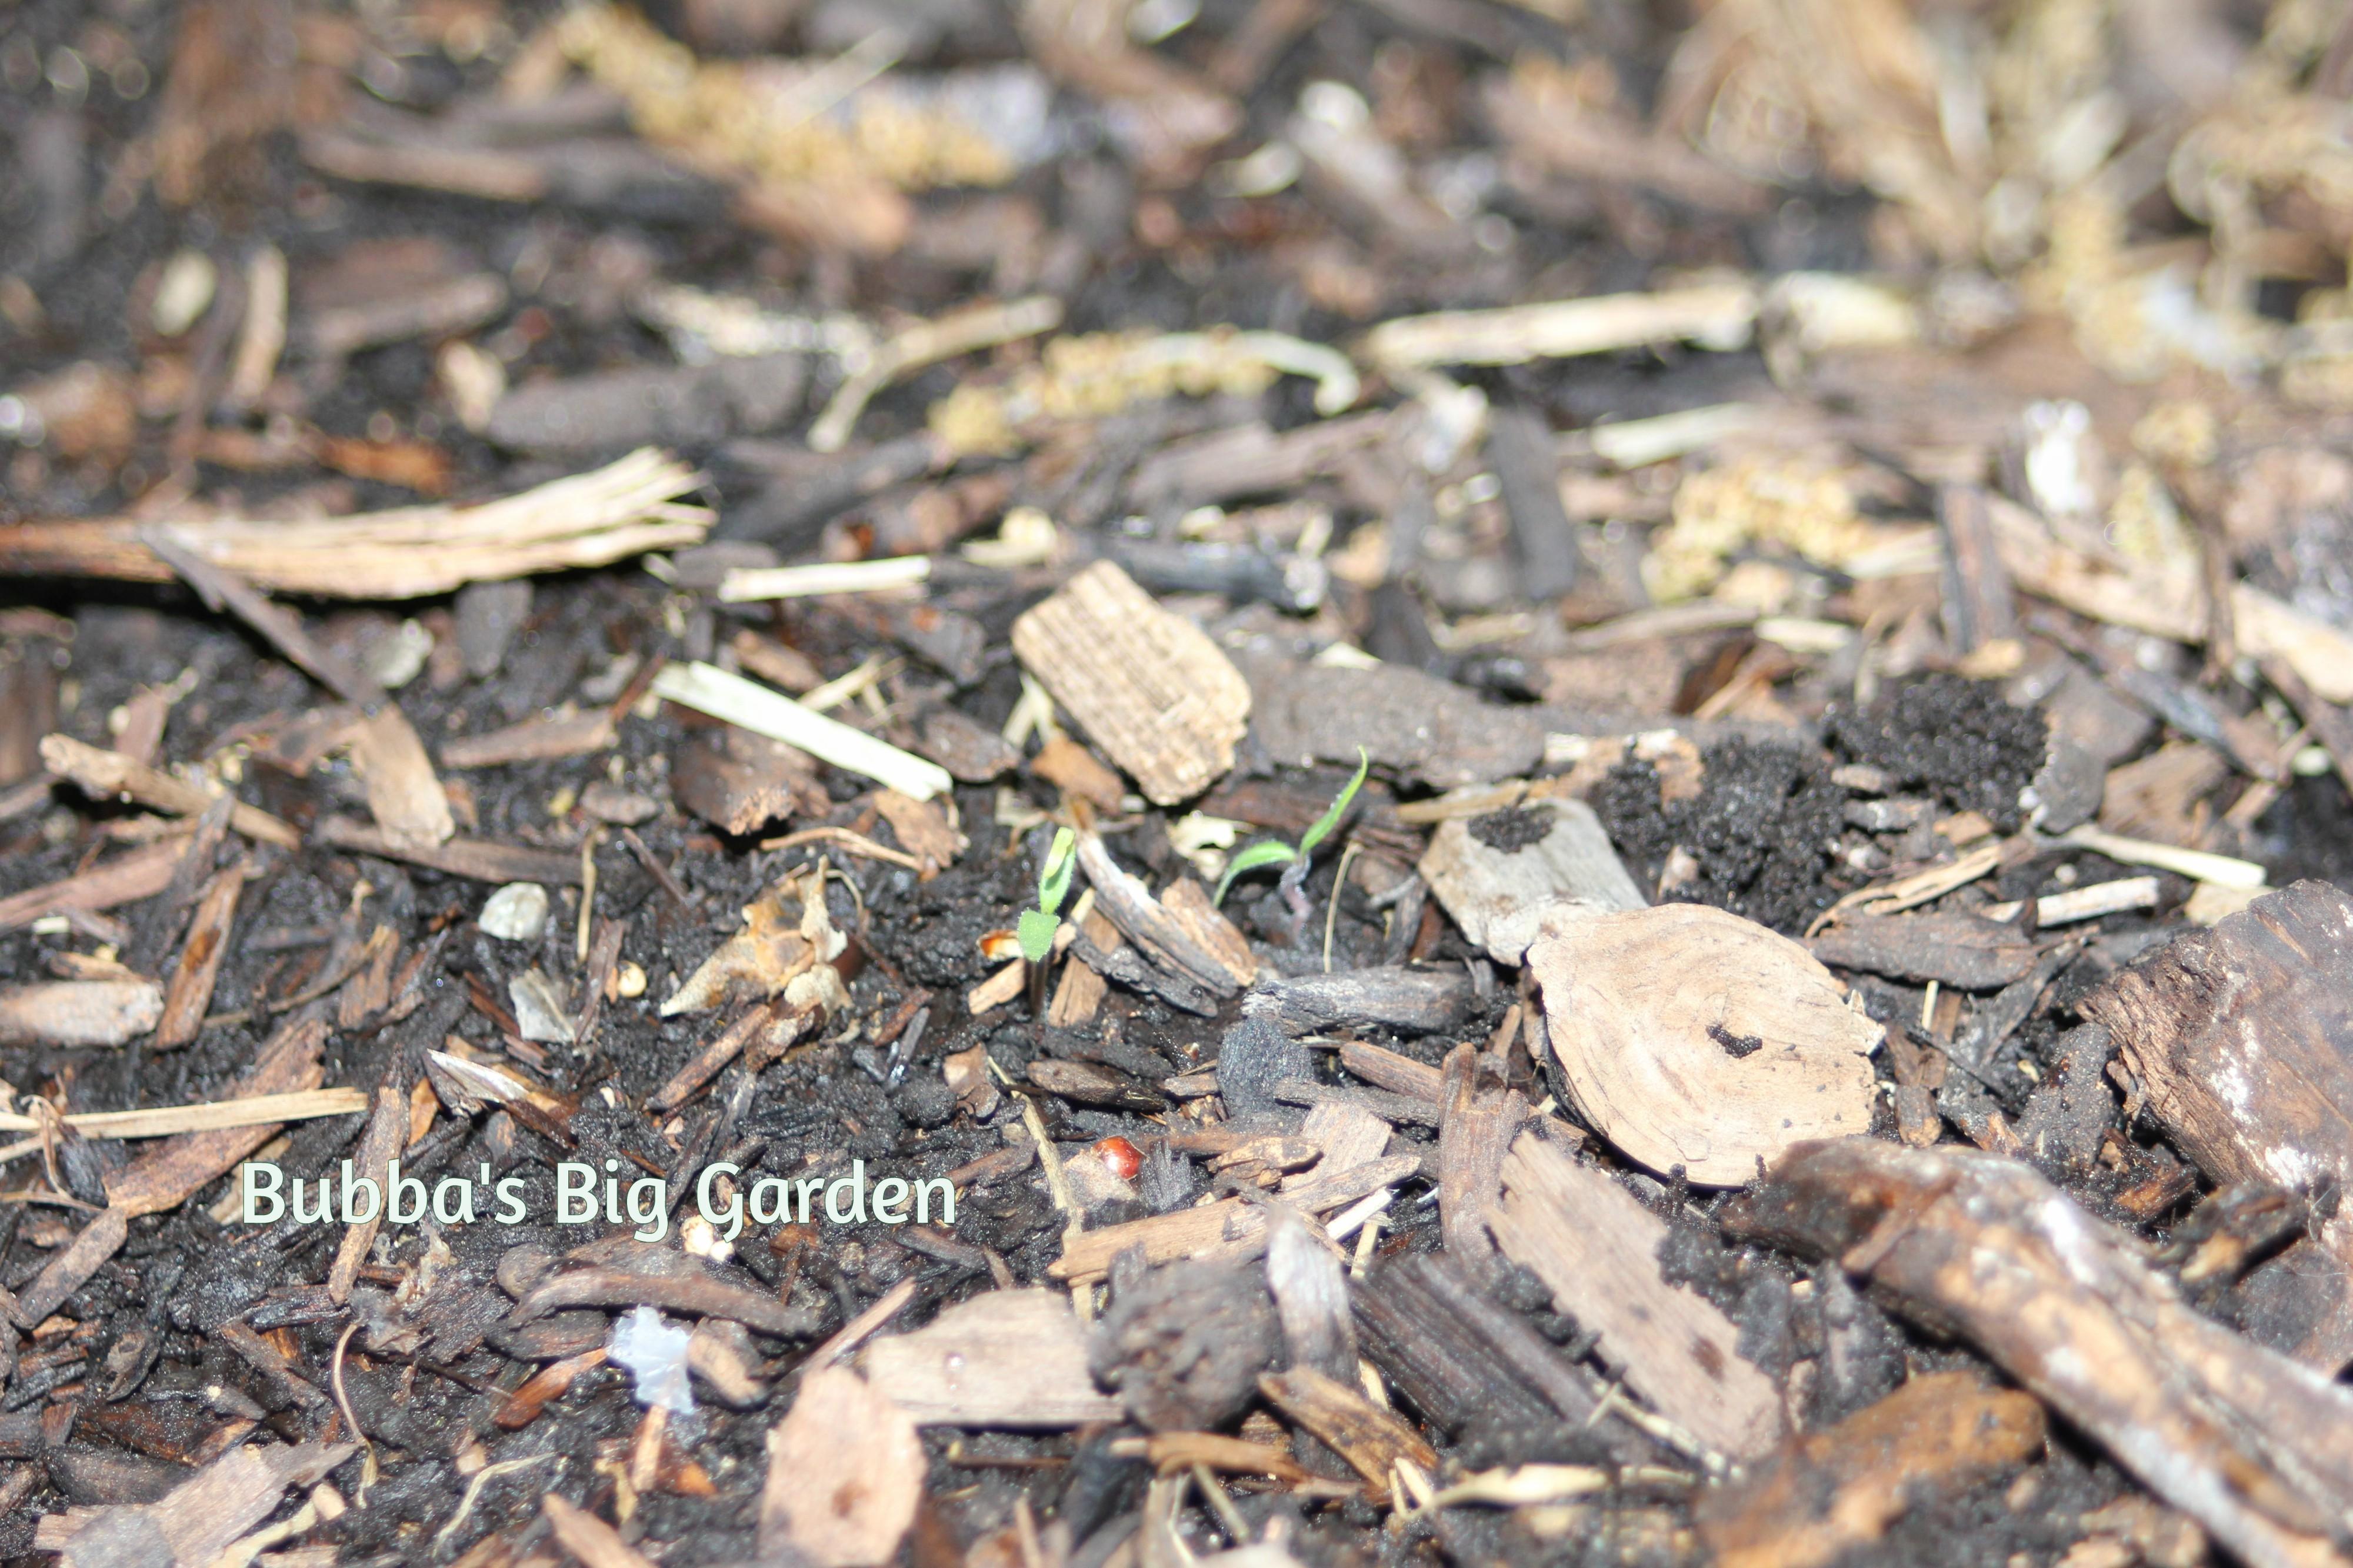 Bubba's Big Garden